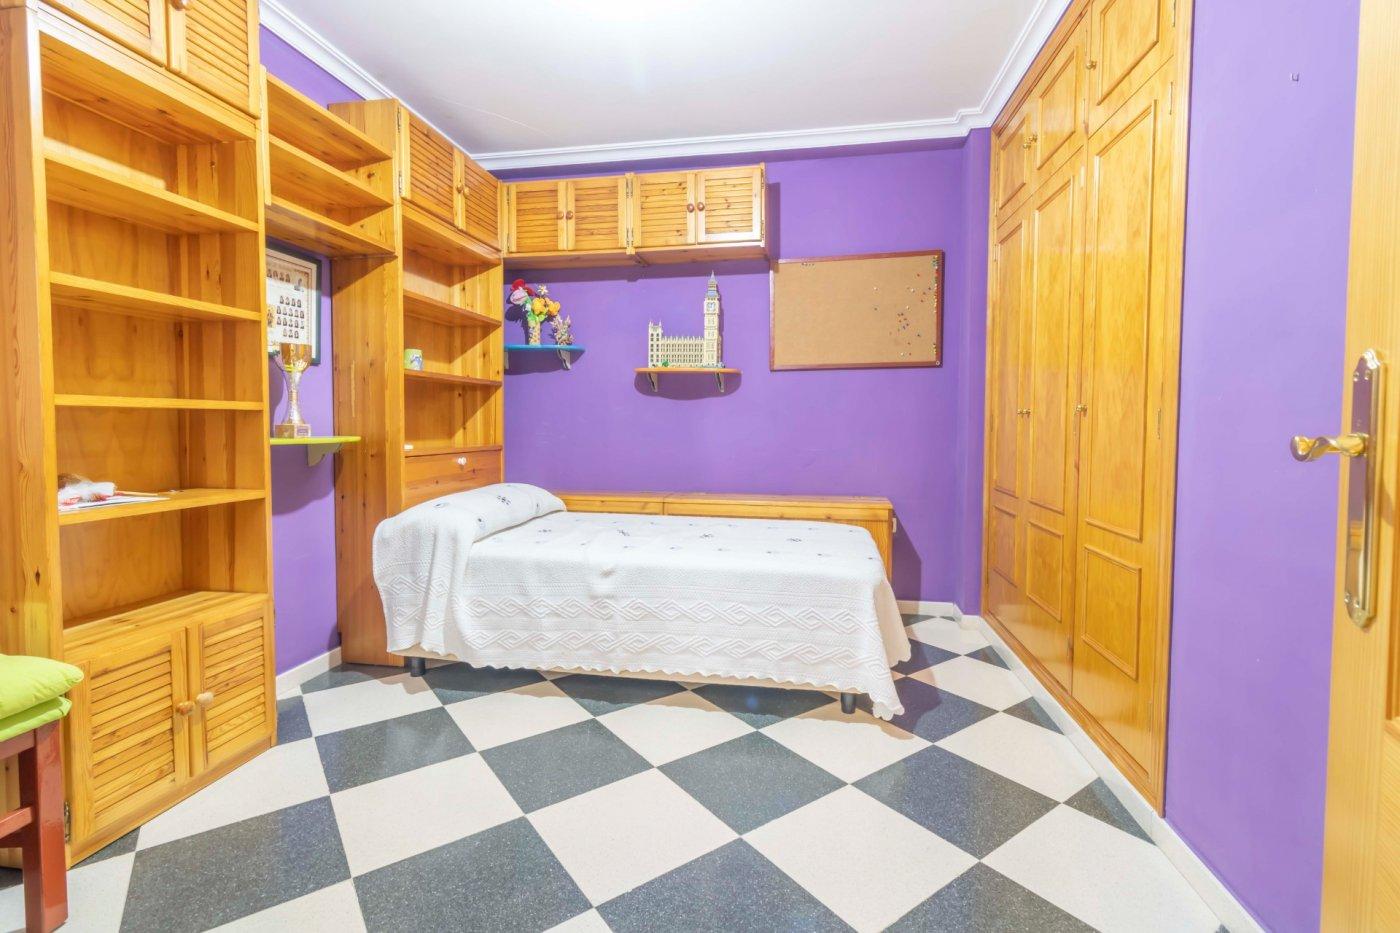 Casa a la venta en zona padre pÍo - imagenInmueble27